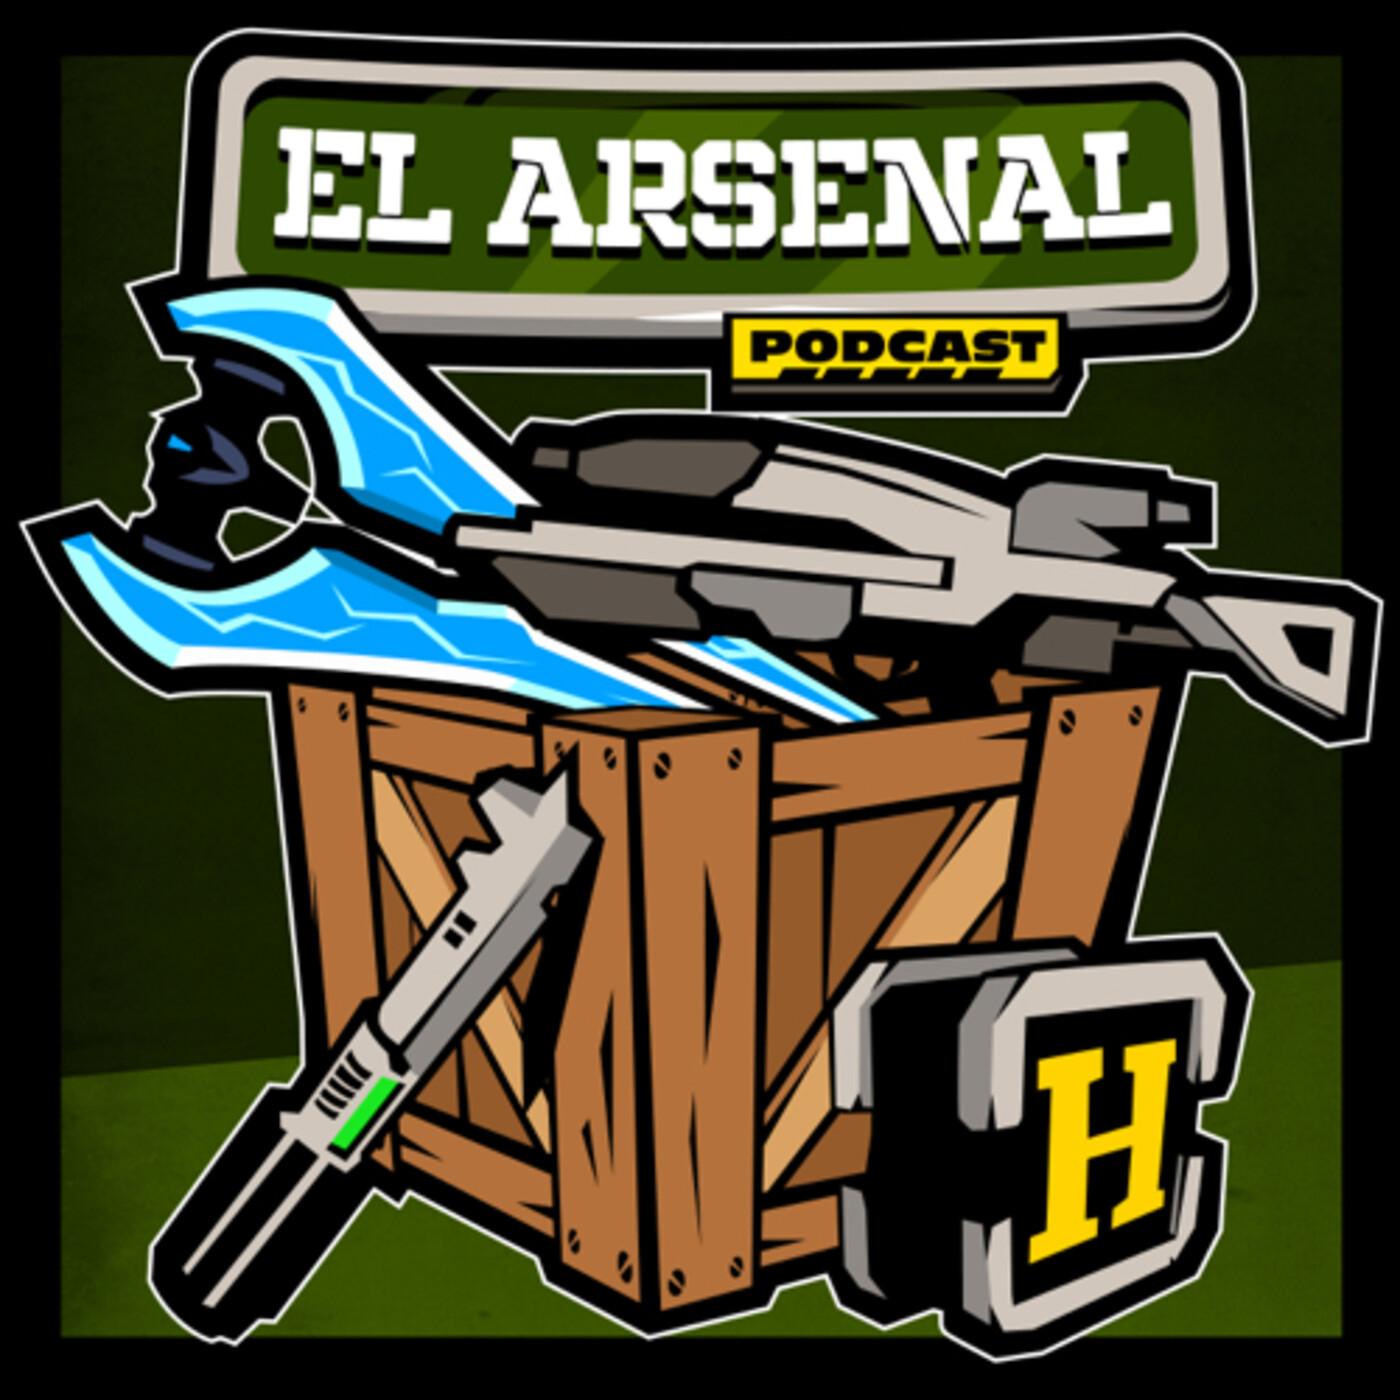 El Arsenal podcast